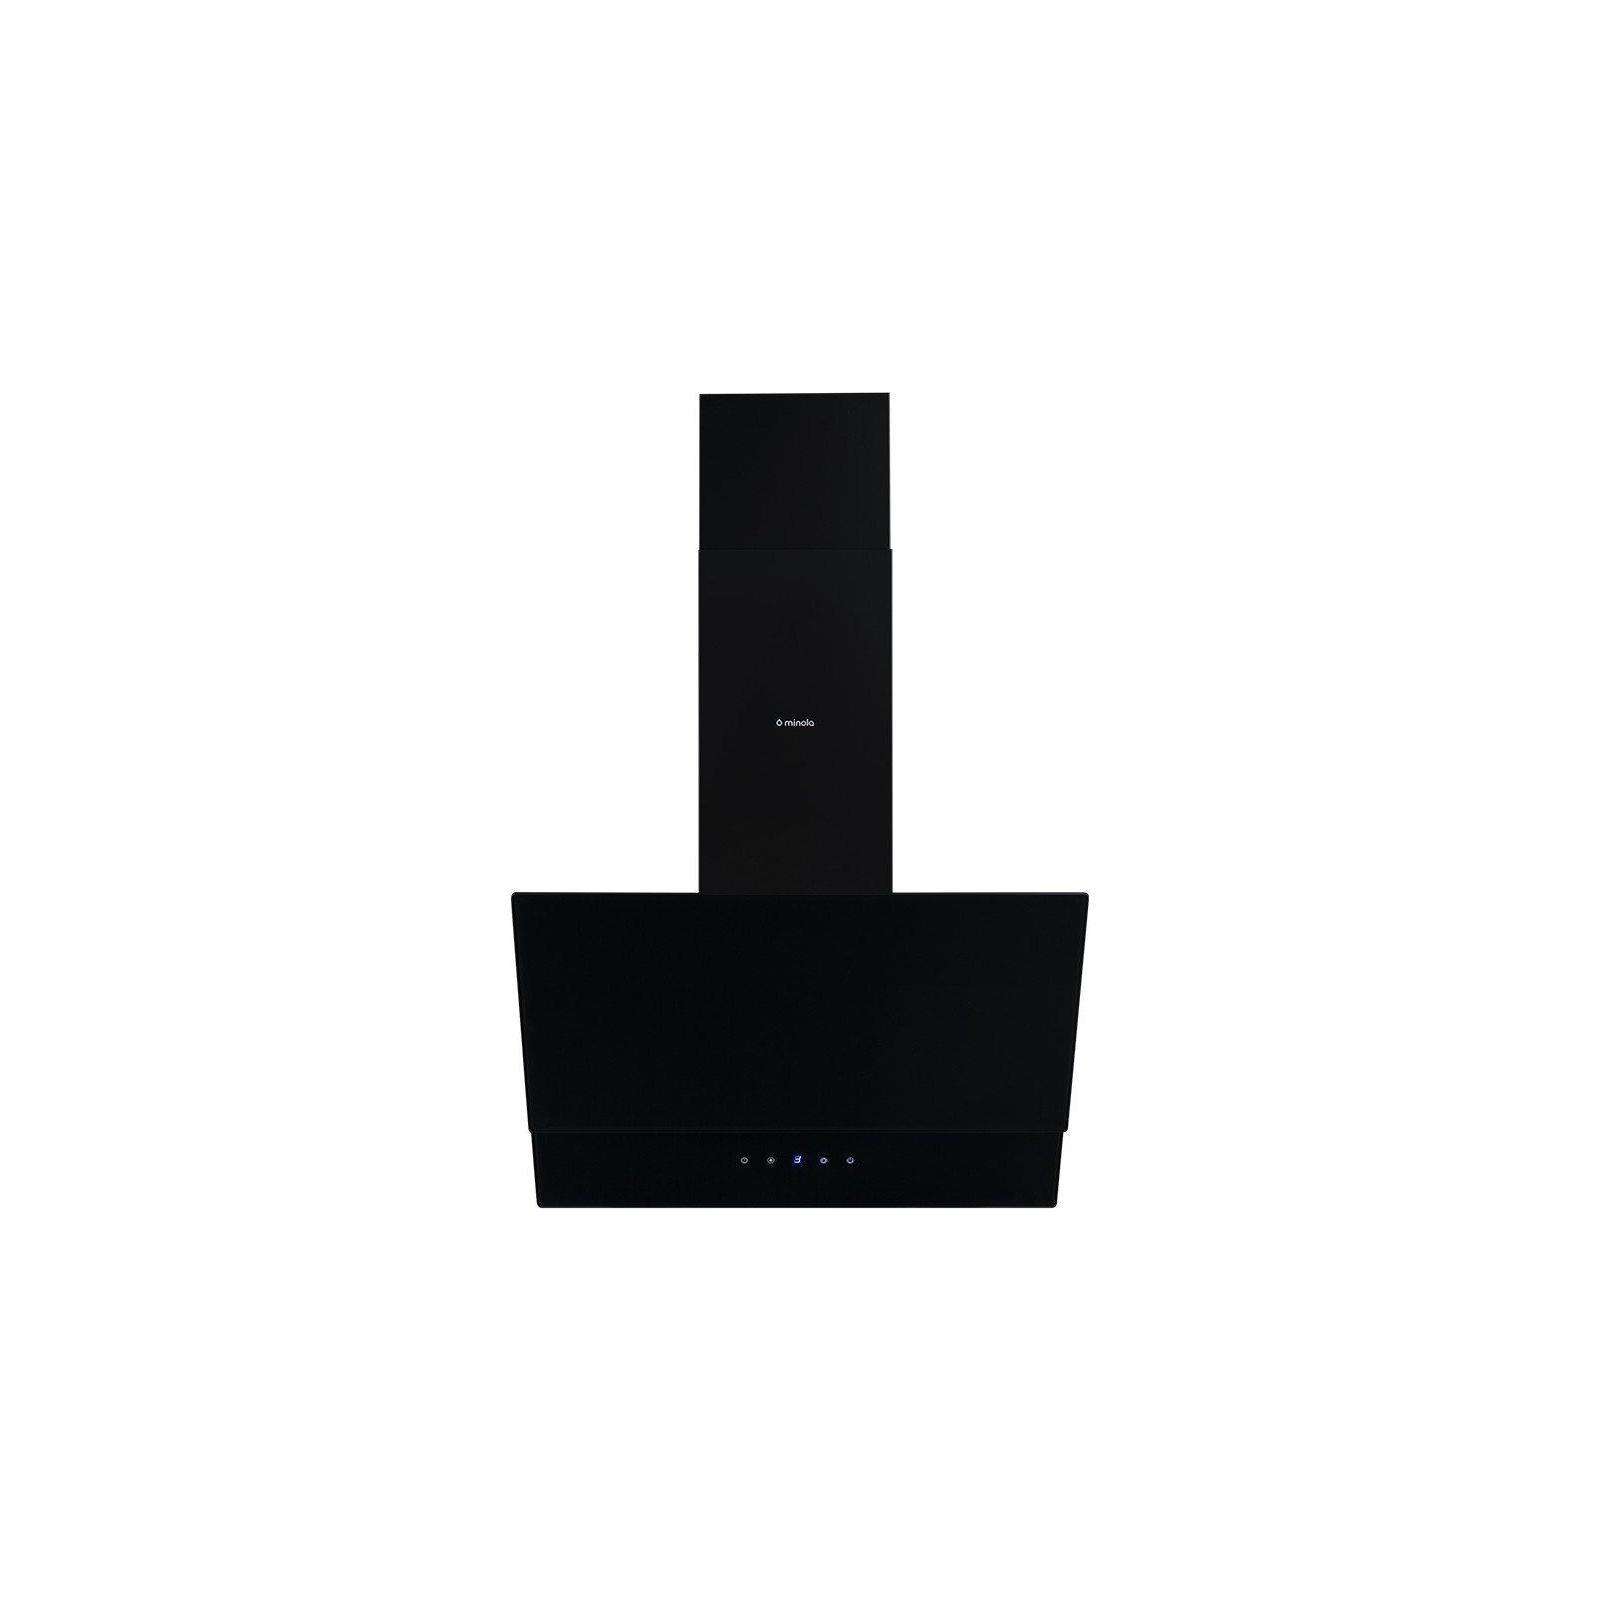 Вытяжка кухонная MINOLA HVS 6342 BL 750 LED изображение 2